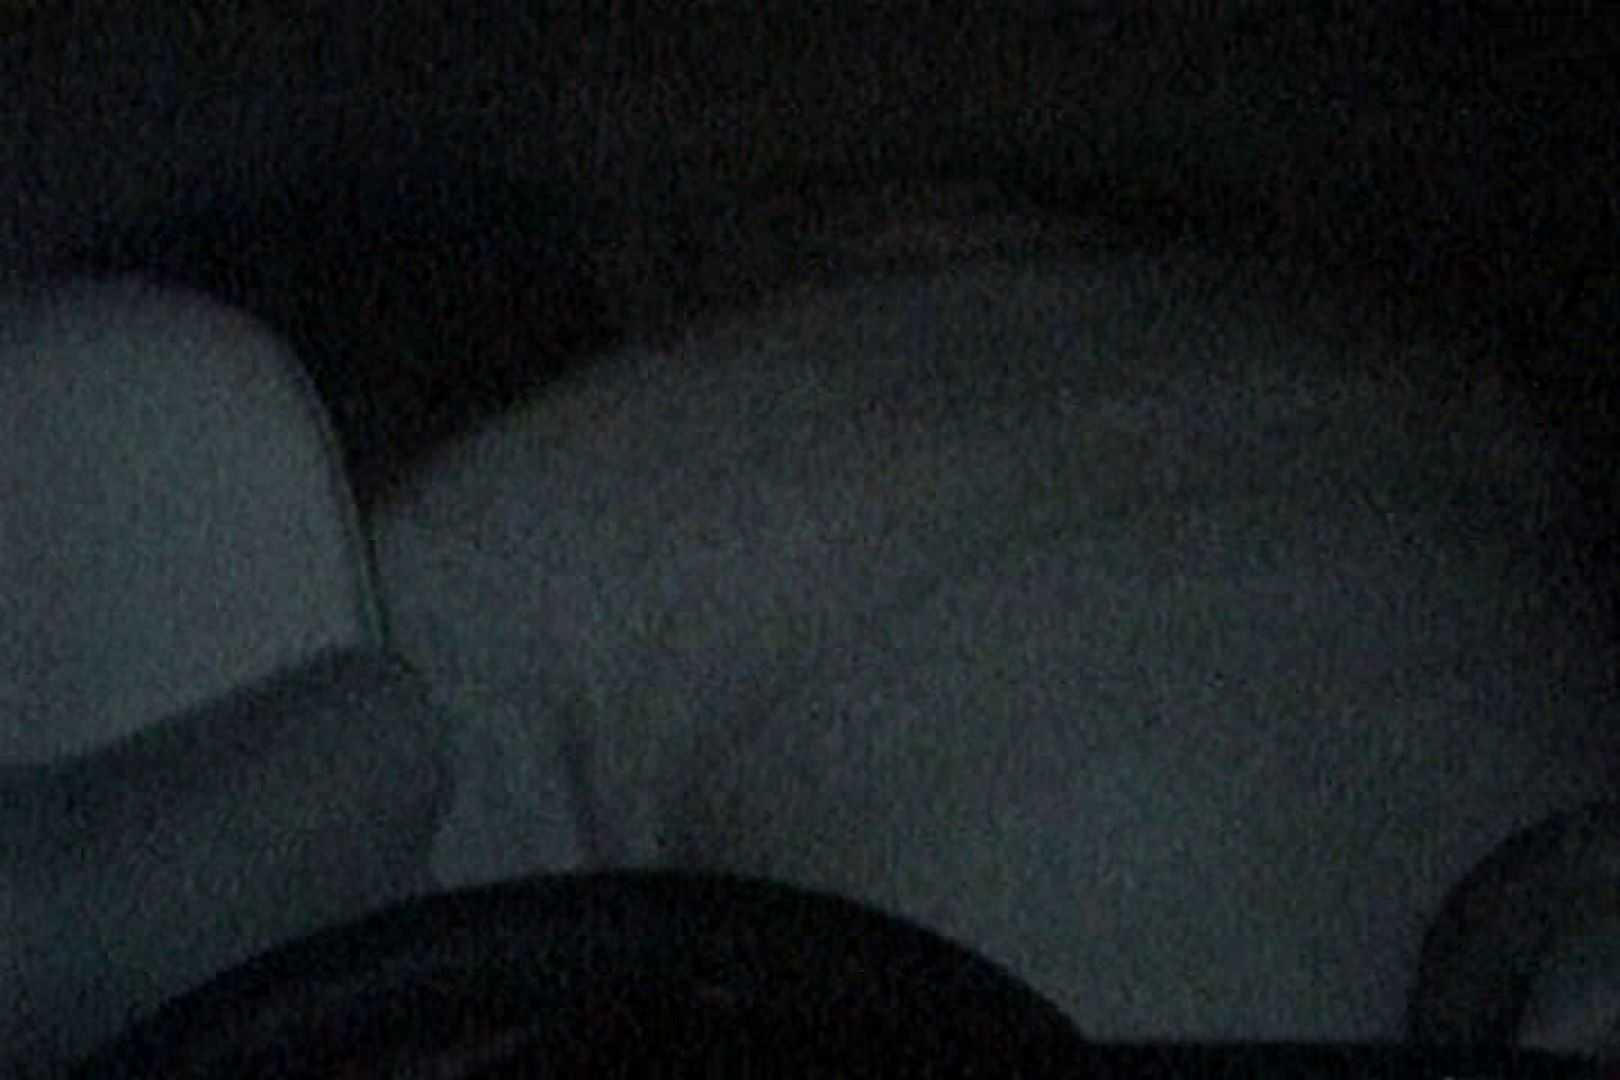 充血監督の深夜の運動会Vol.160 おまんこ  53PIX 27